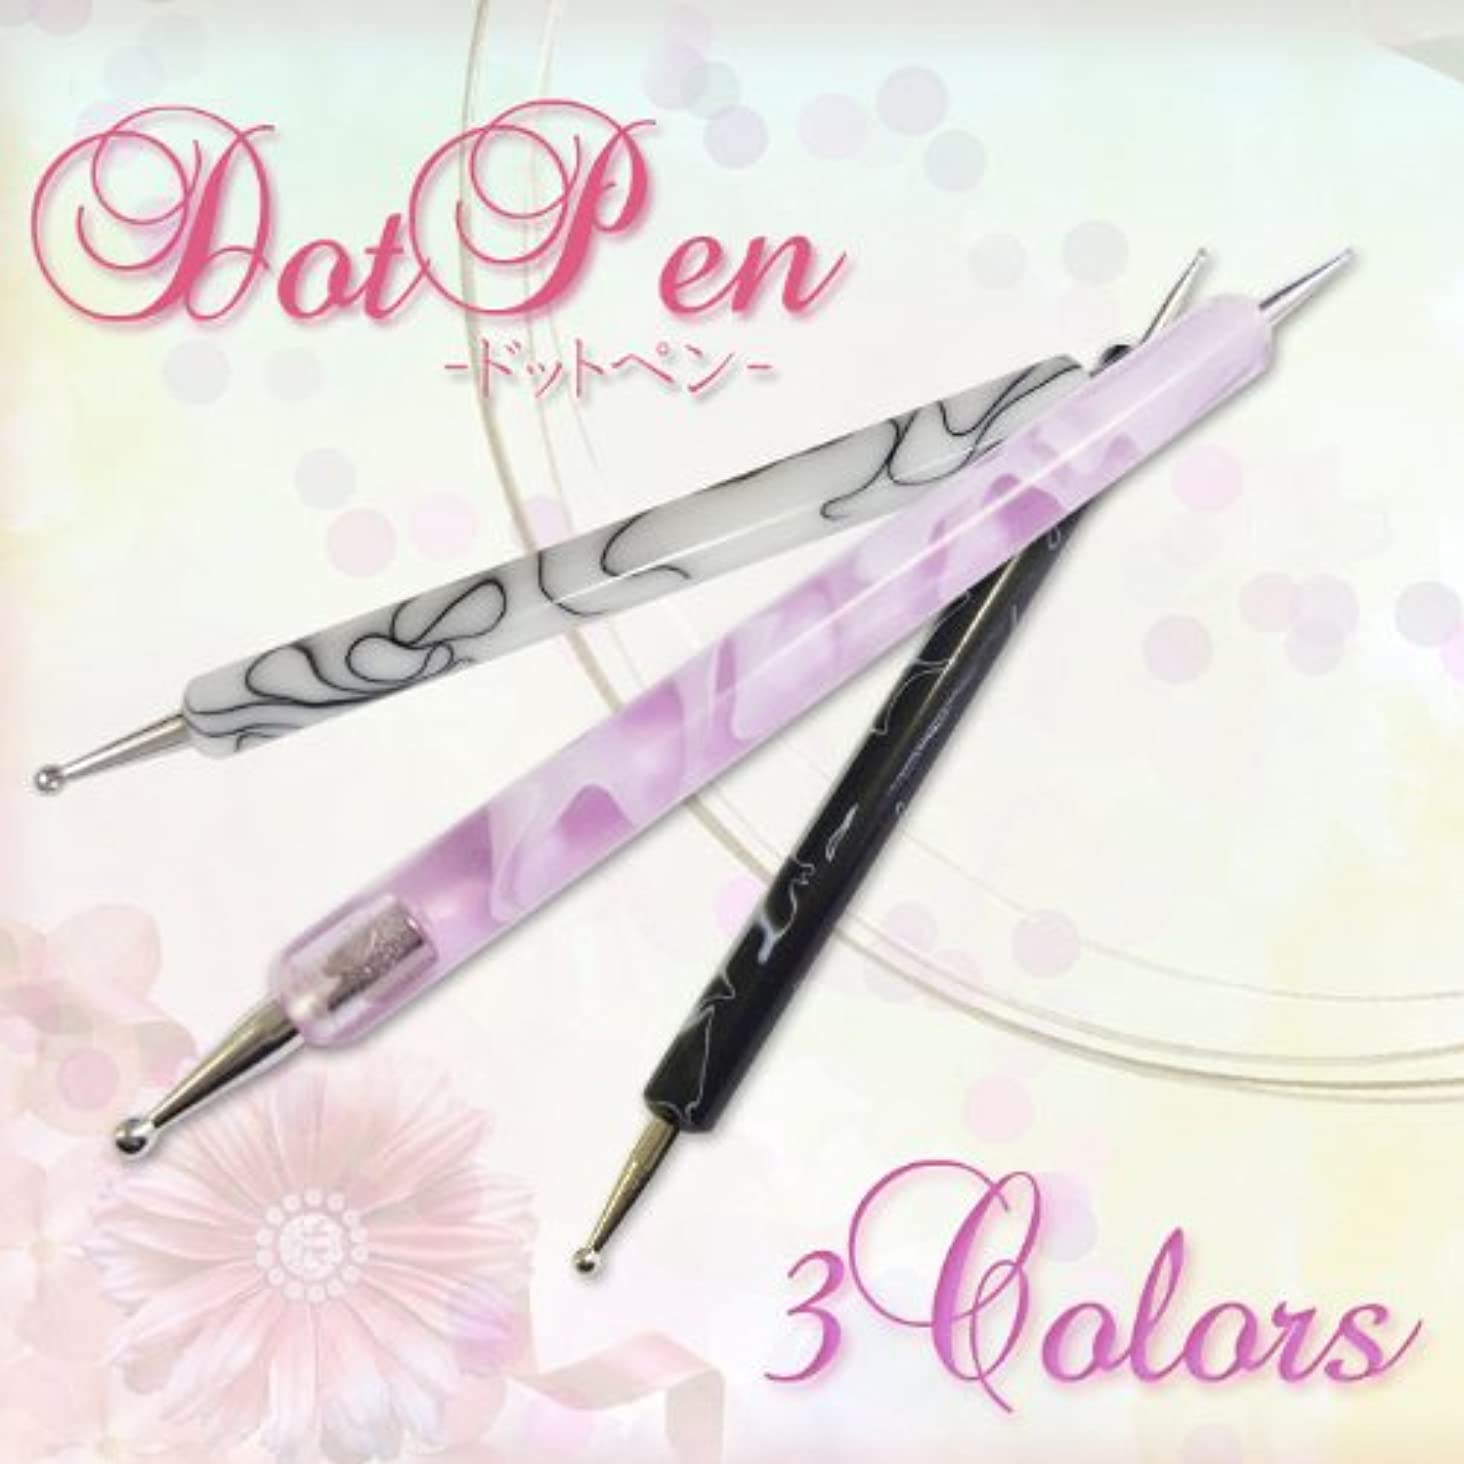 セラフセッション対処ジェルネイル《綺麗な水玉やお花模様も?》DOT PEN ドットペン 2wayタイプ(3カラー) (パープル)